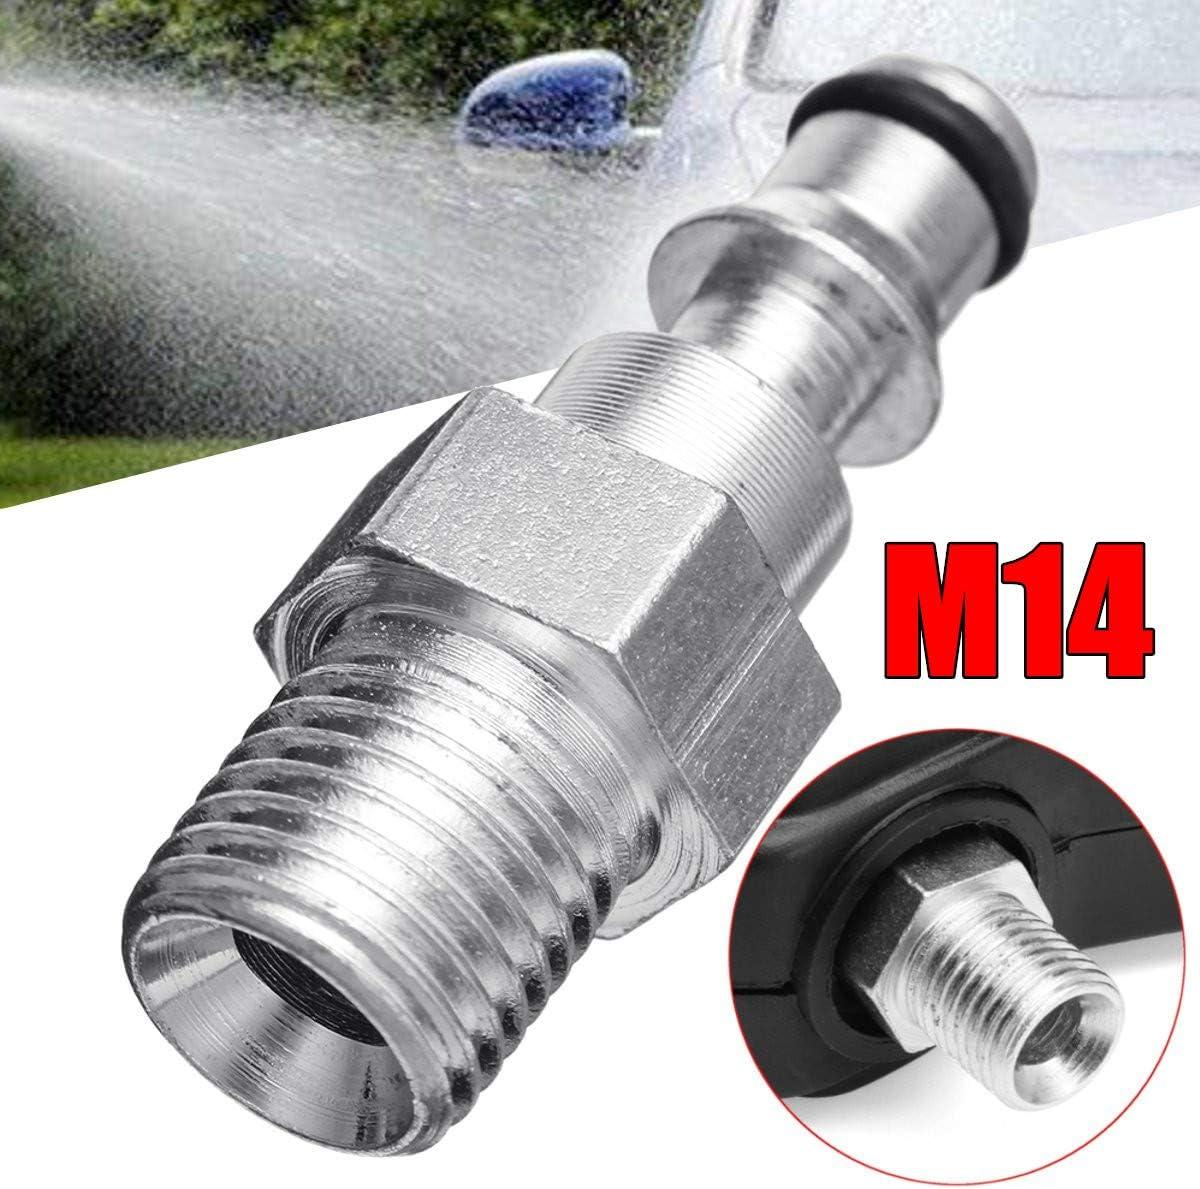 M14 Insert Rapide Encastr/é ACAMPTAR Adaptateur de Tuyau de Raccord Rapide pour Nettoyeur-Pistolet /à Pression pour Lavor Vax